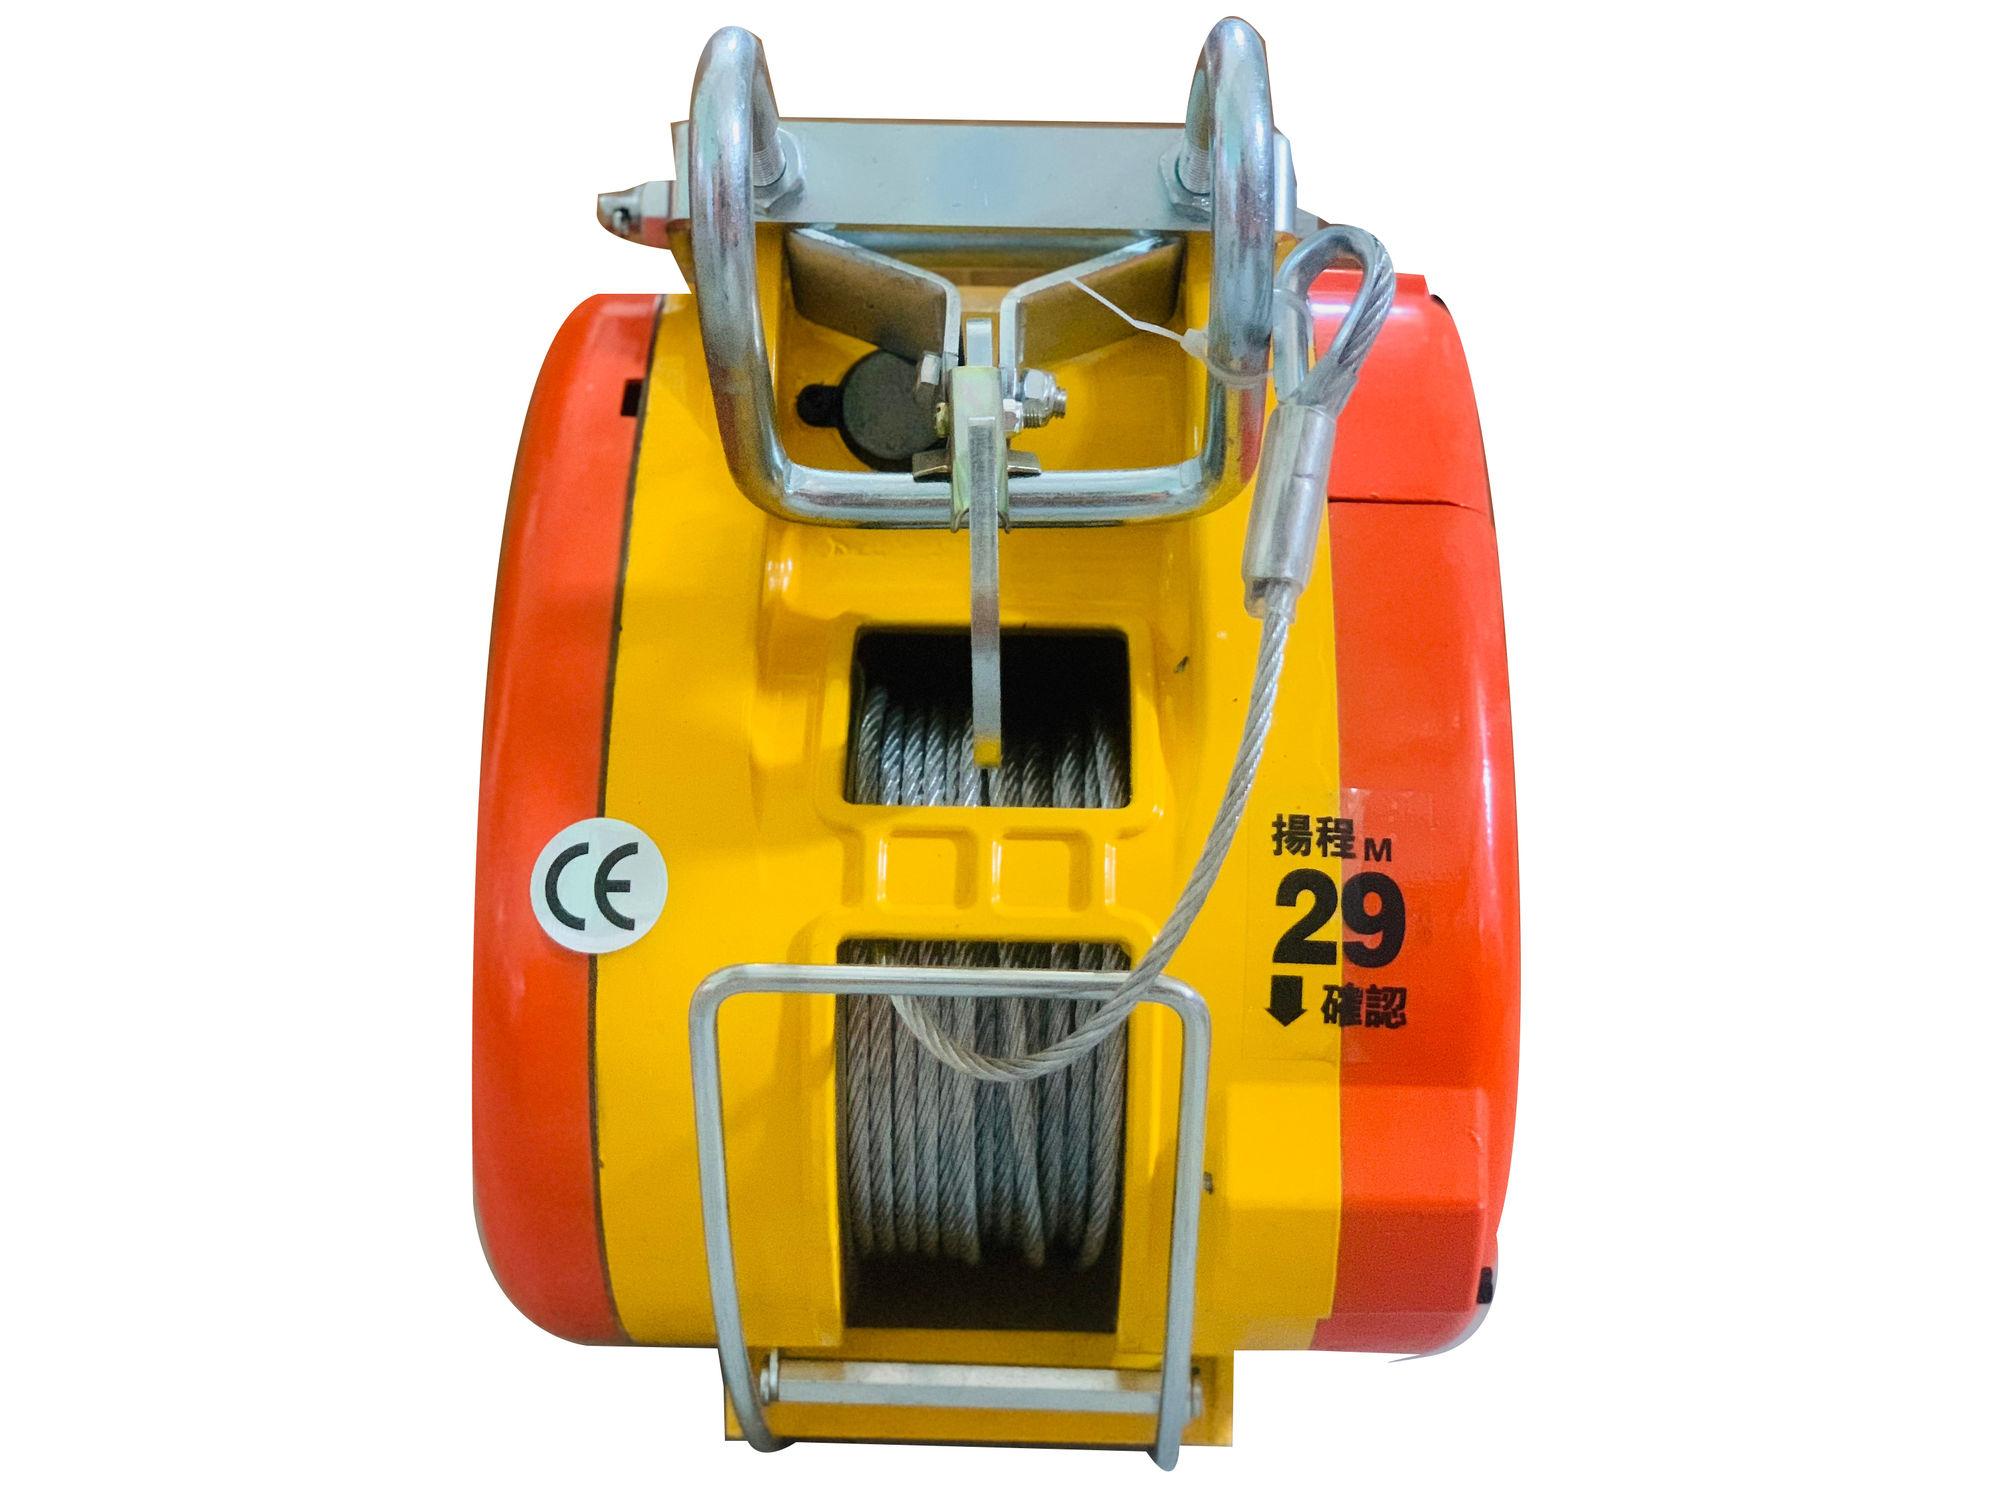 Tời điện nhanh Hoto SK 230C